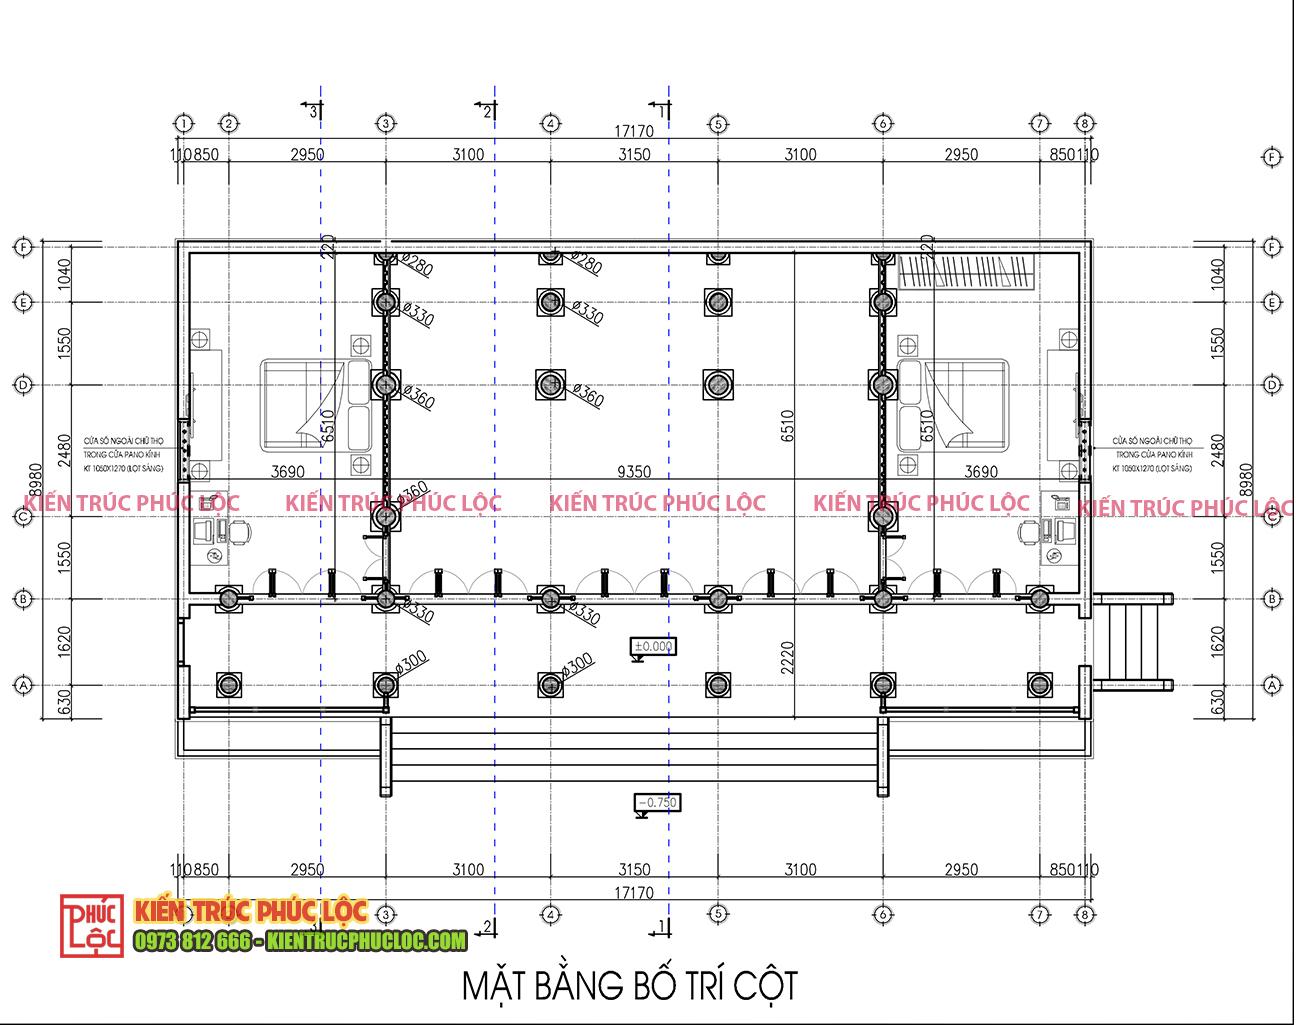 Bản vẽ 2D mặt bằng nhà gỗ 5 gian 26 cột